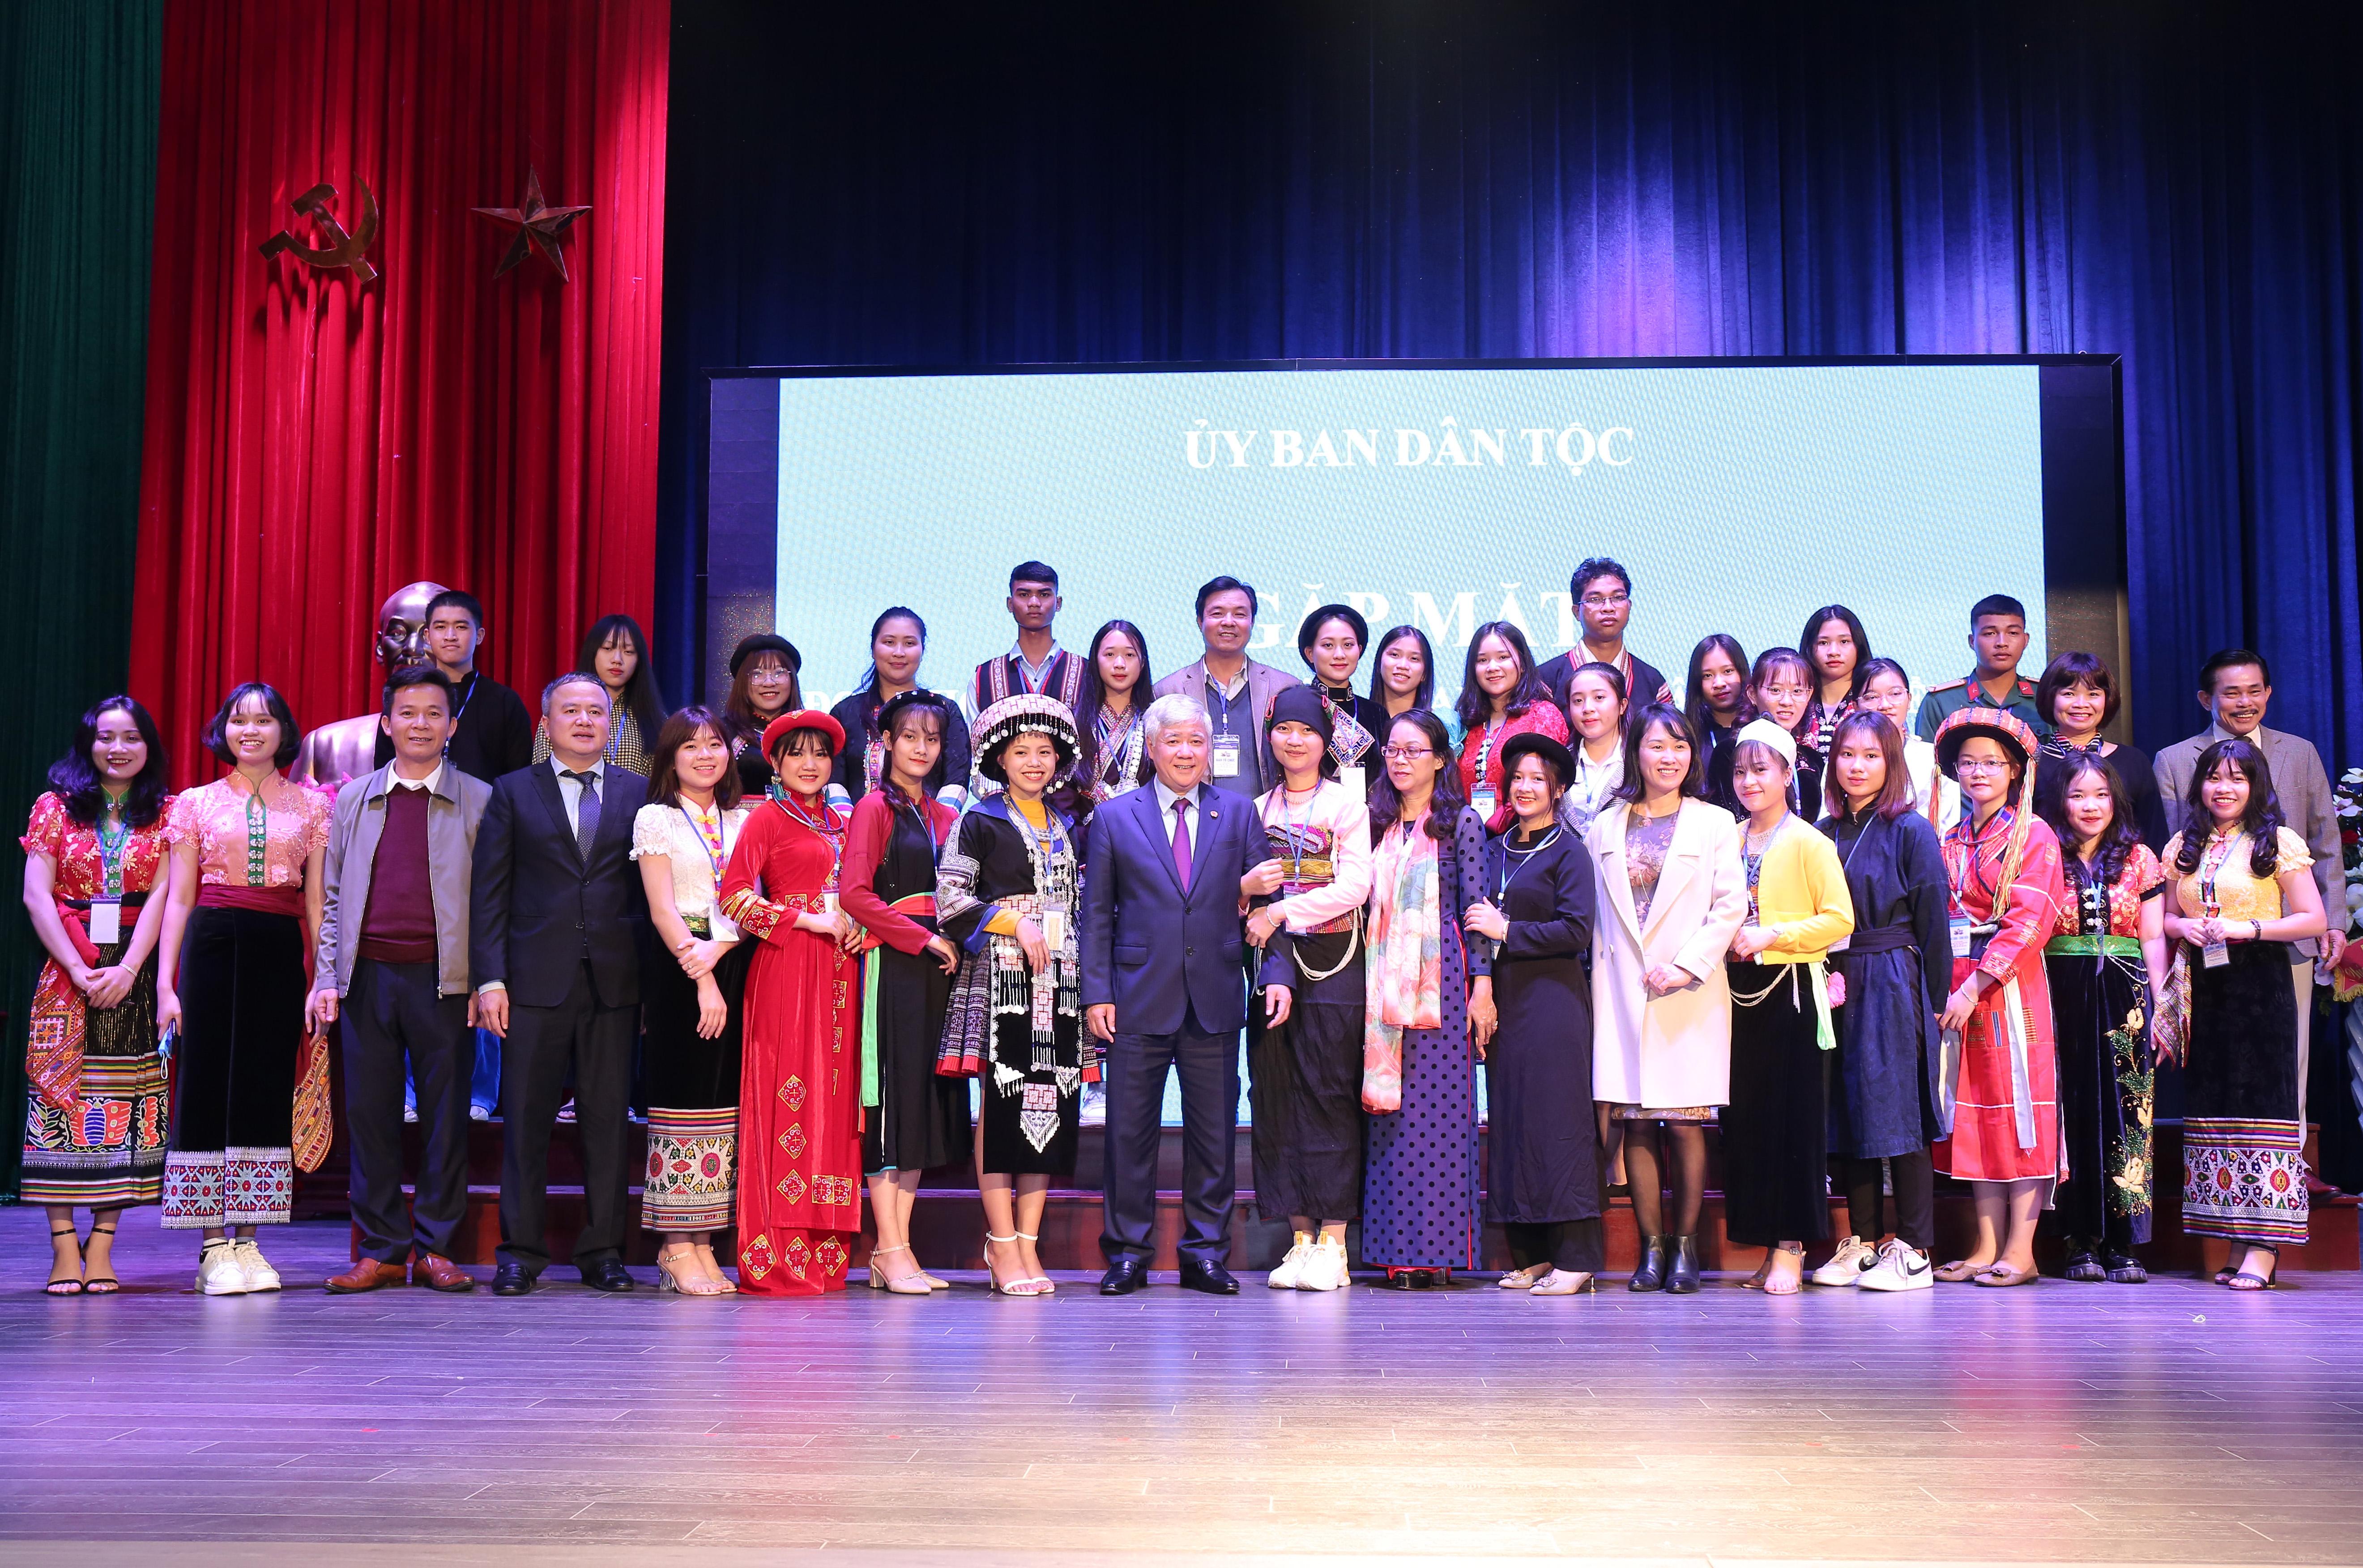 Bộ trưởng, Chủ nhiệm Đỗ Văn Chiến gặp mặt Đoàn học sinh, sinh viên, thanh niên dân tộc thiểu số xuất sắc, tiêu biểu năm 2020 8